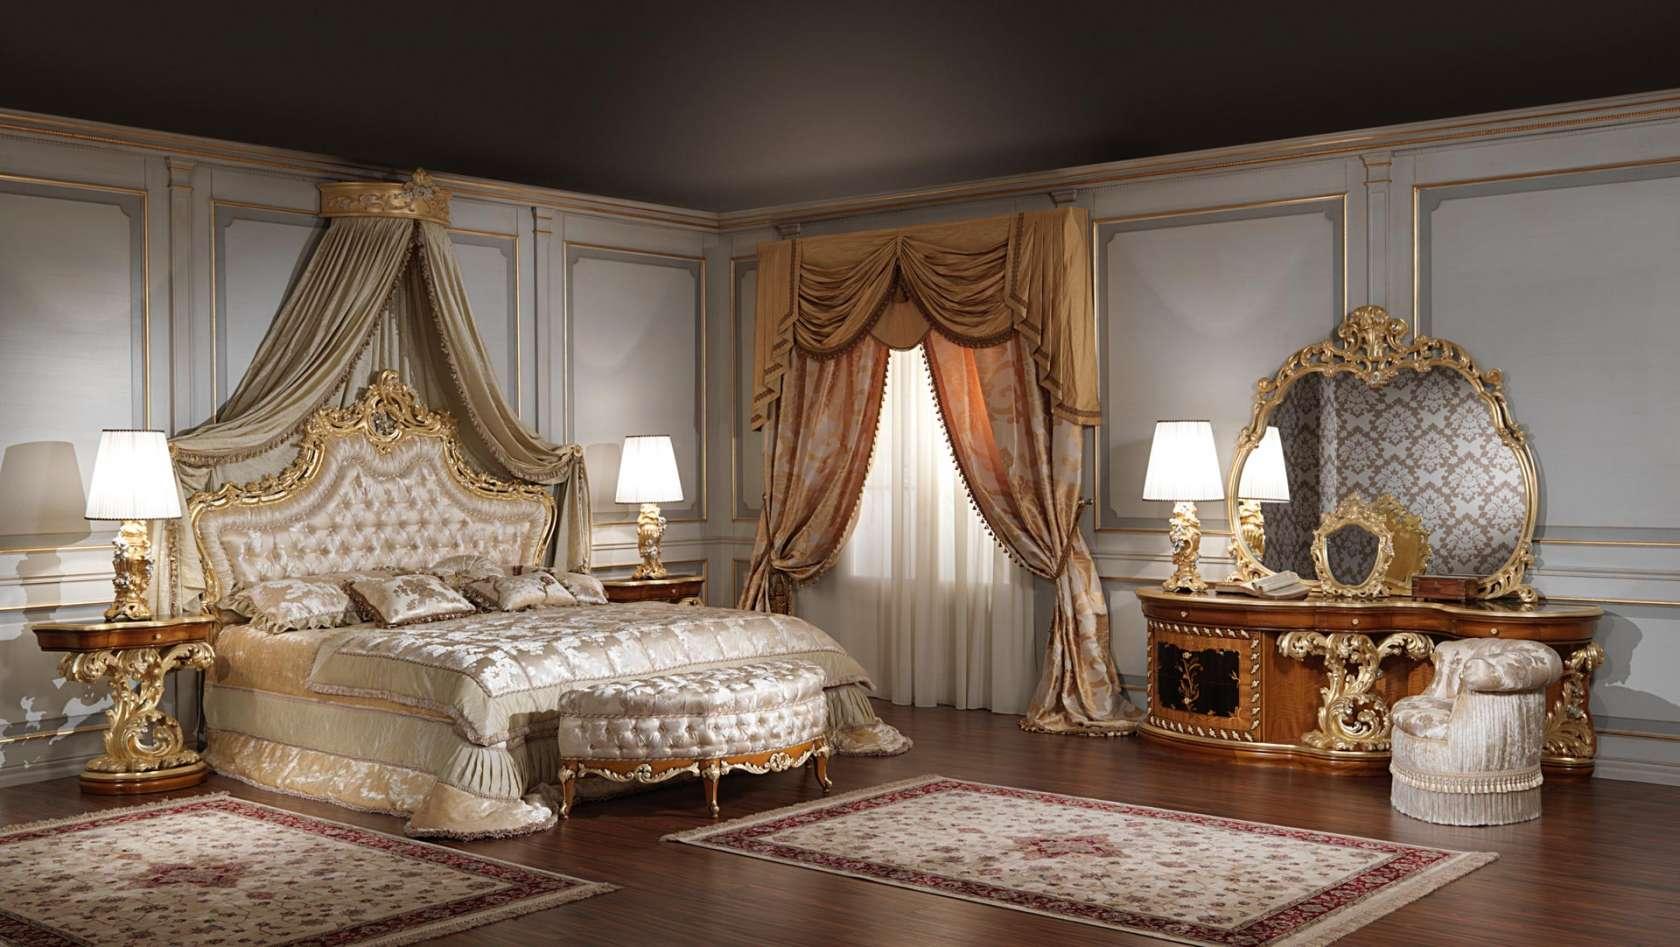 Camera barocca art. 2012 in stile barocco romano  Vimercati Meda